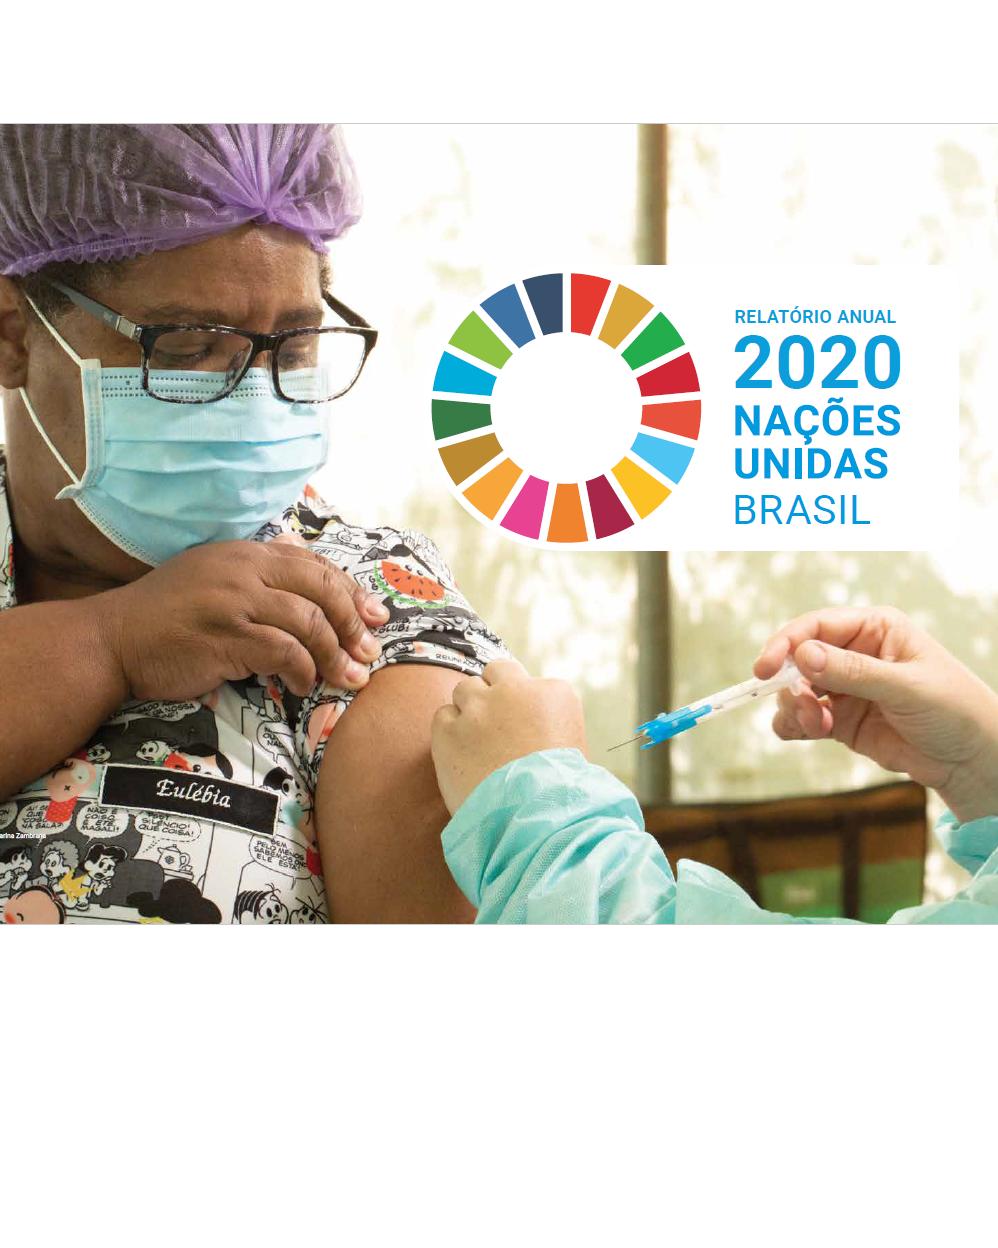 Relatório Anual das Nações Unidas no Brasil 2020